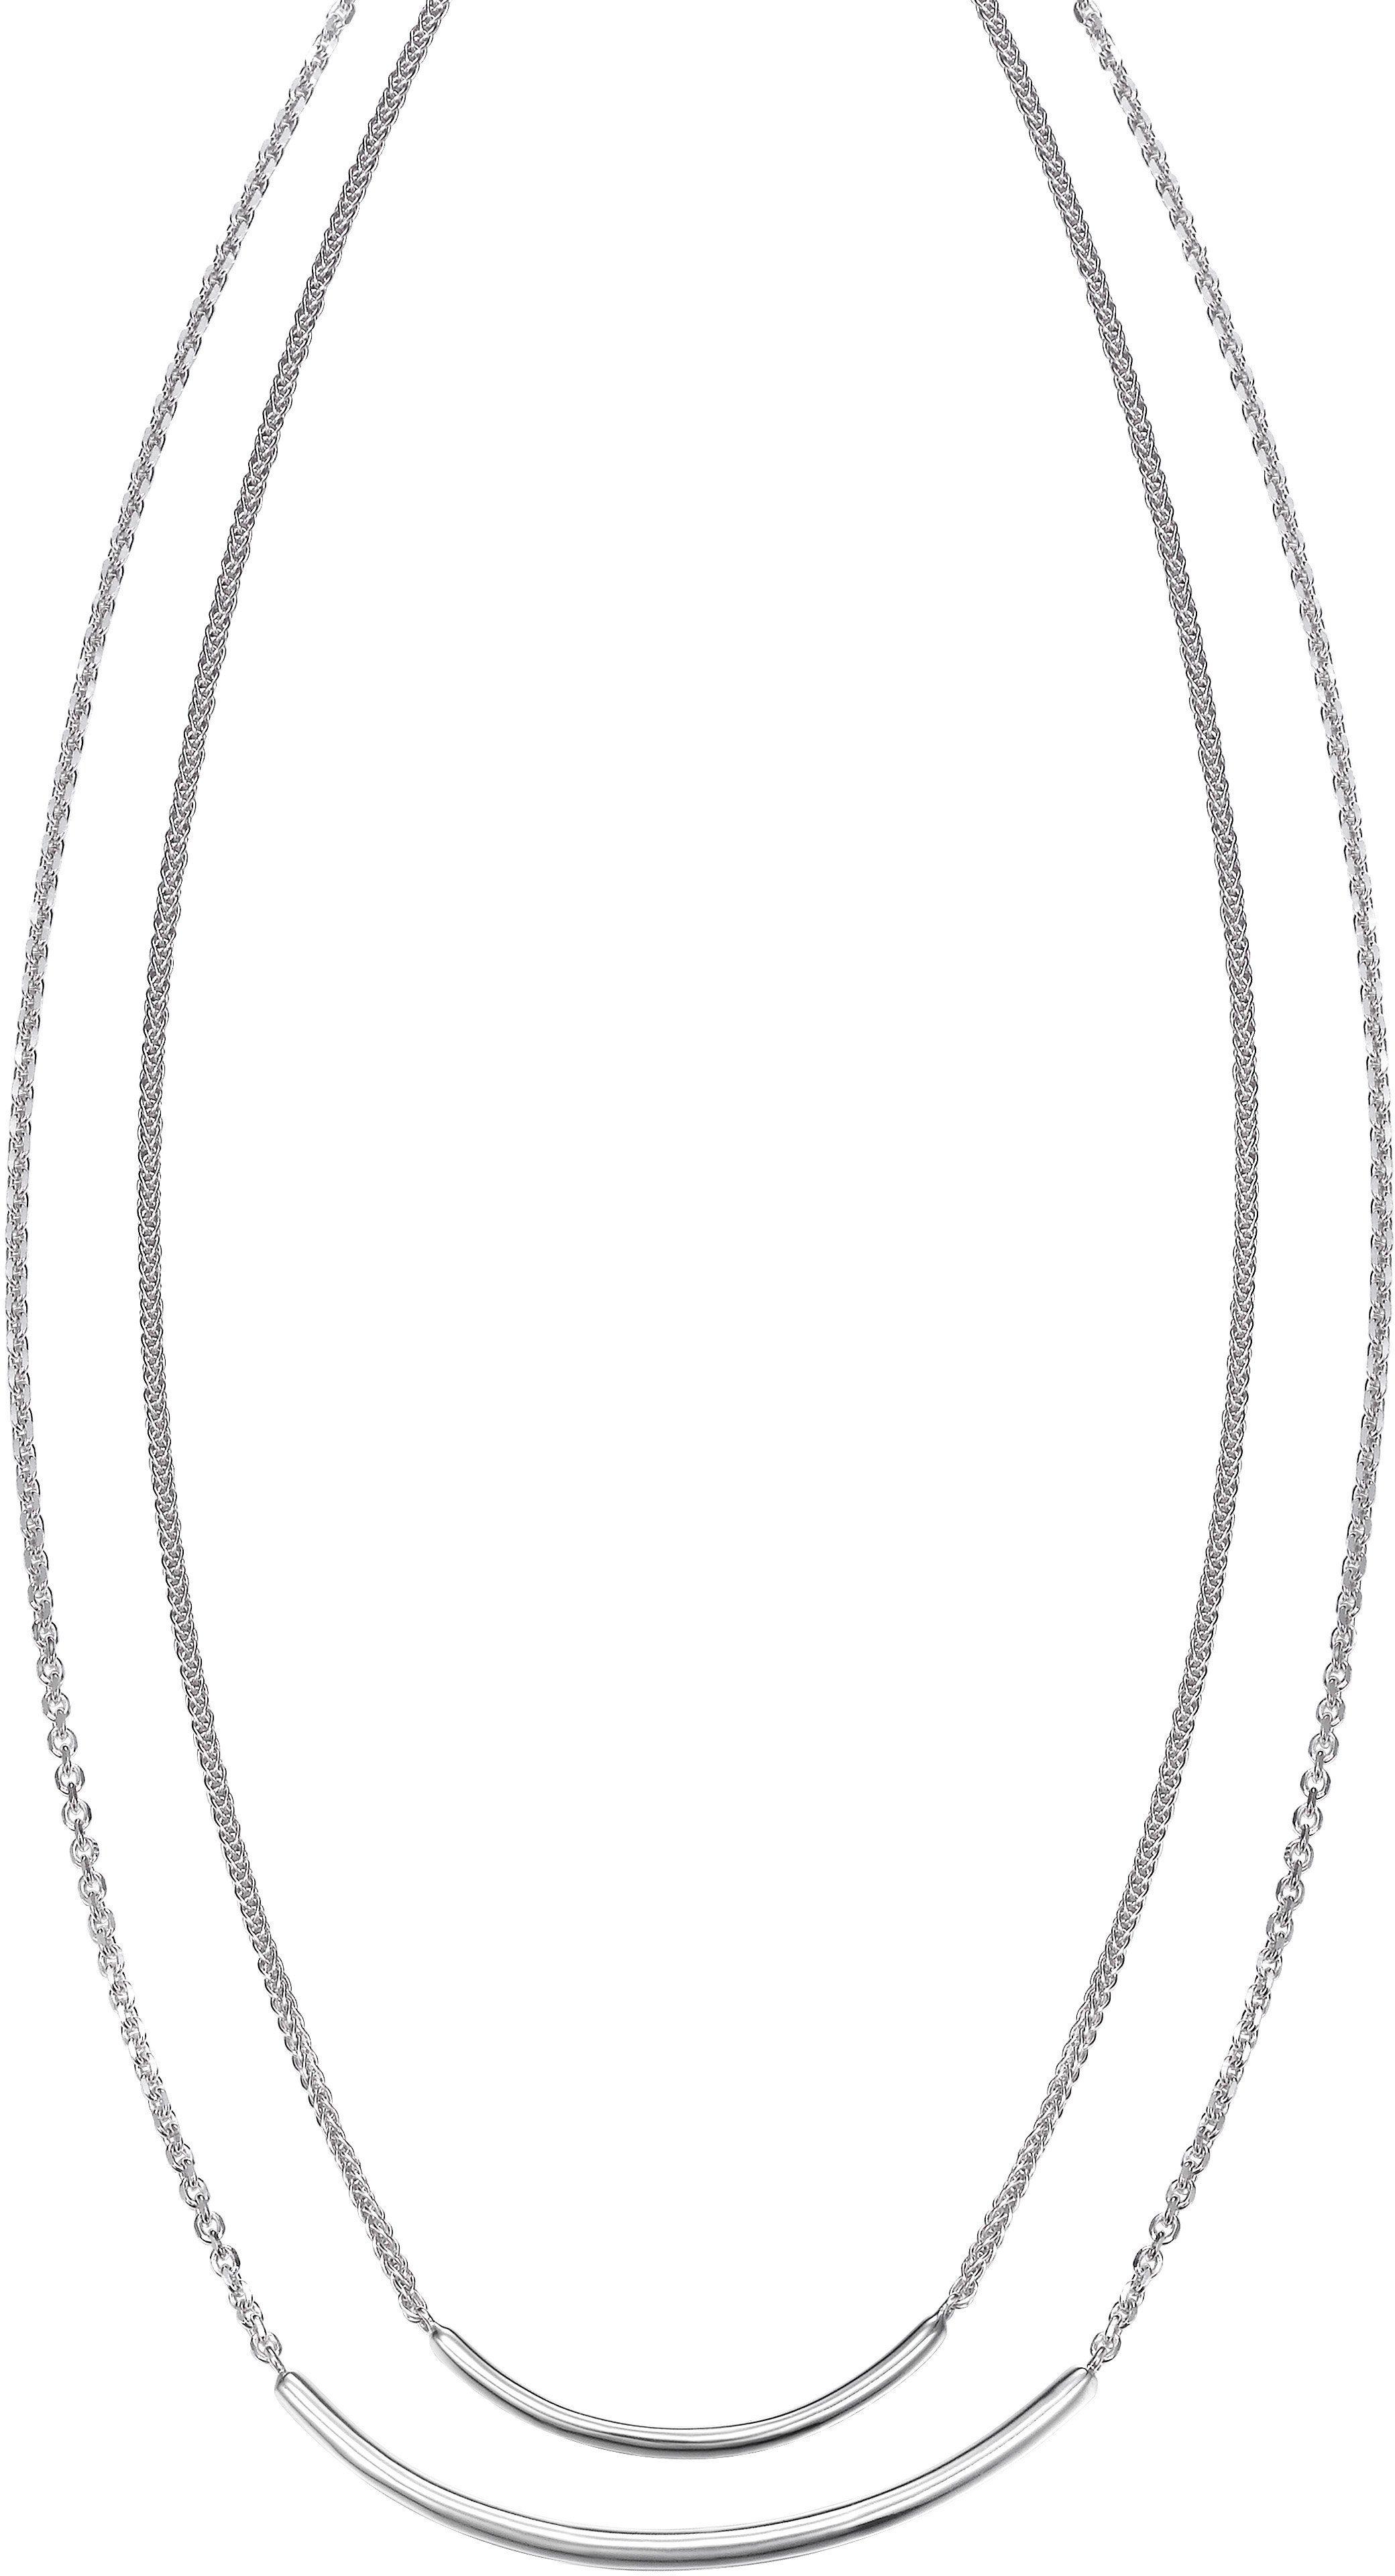 Kette mit Zirkonia, »JP-T REFINED, JPNL90768A420«